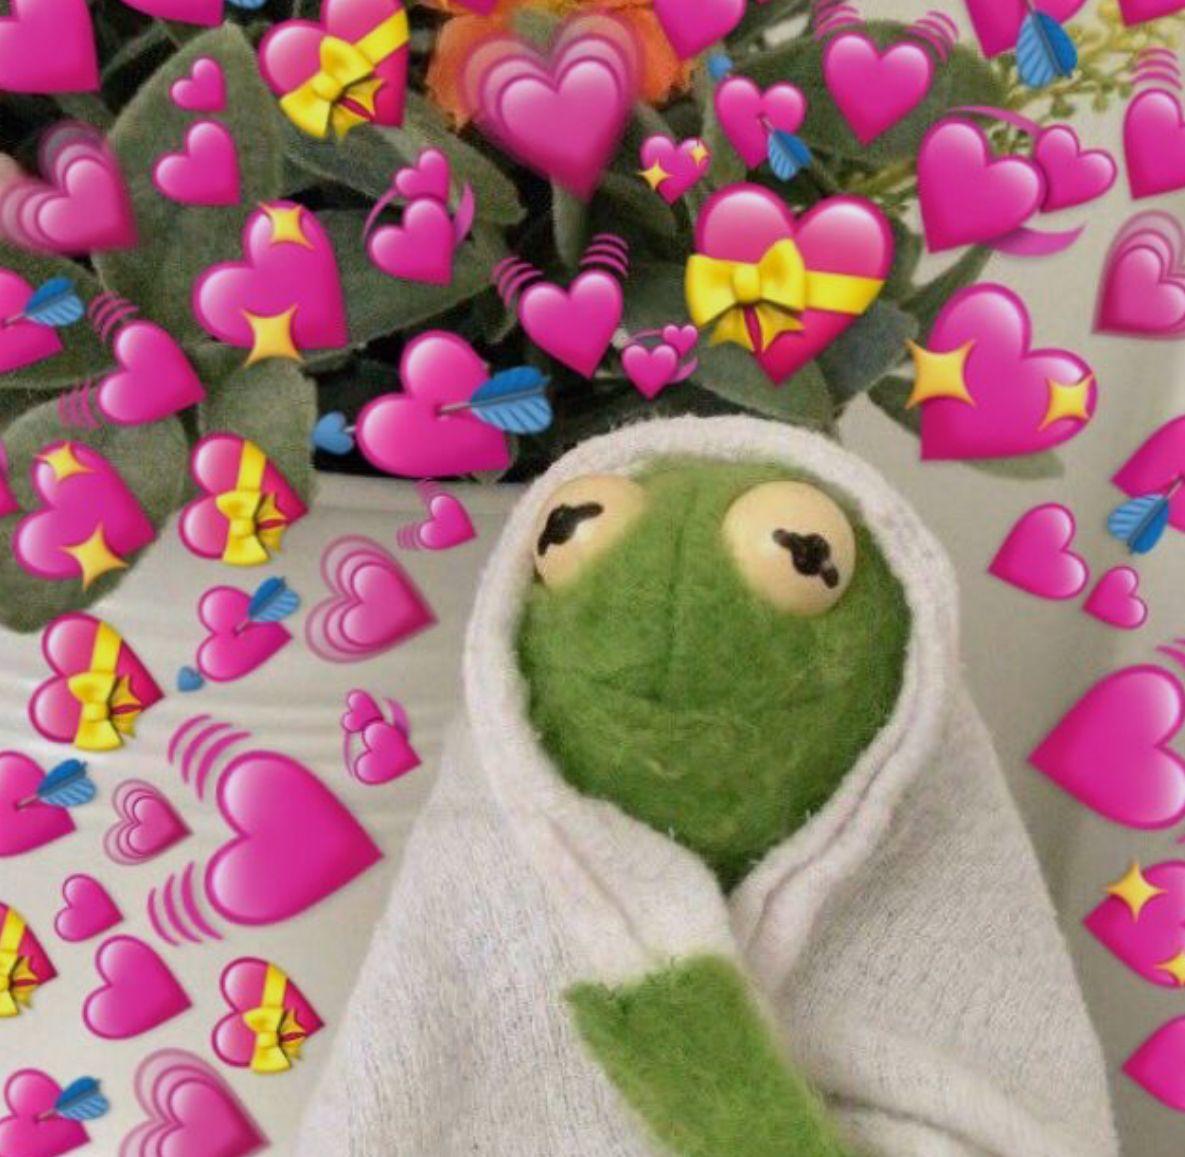 Pin By Joselene Vallejo On Memes Cute Love Memes Frog Wallpaper Cute Memes